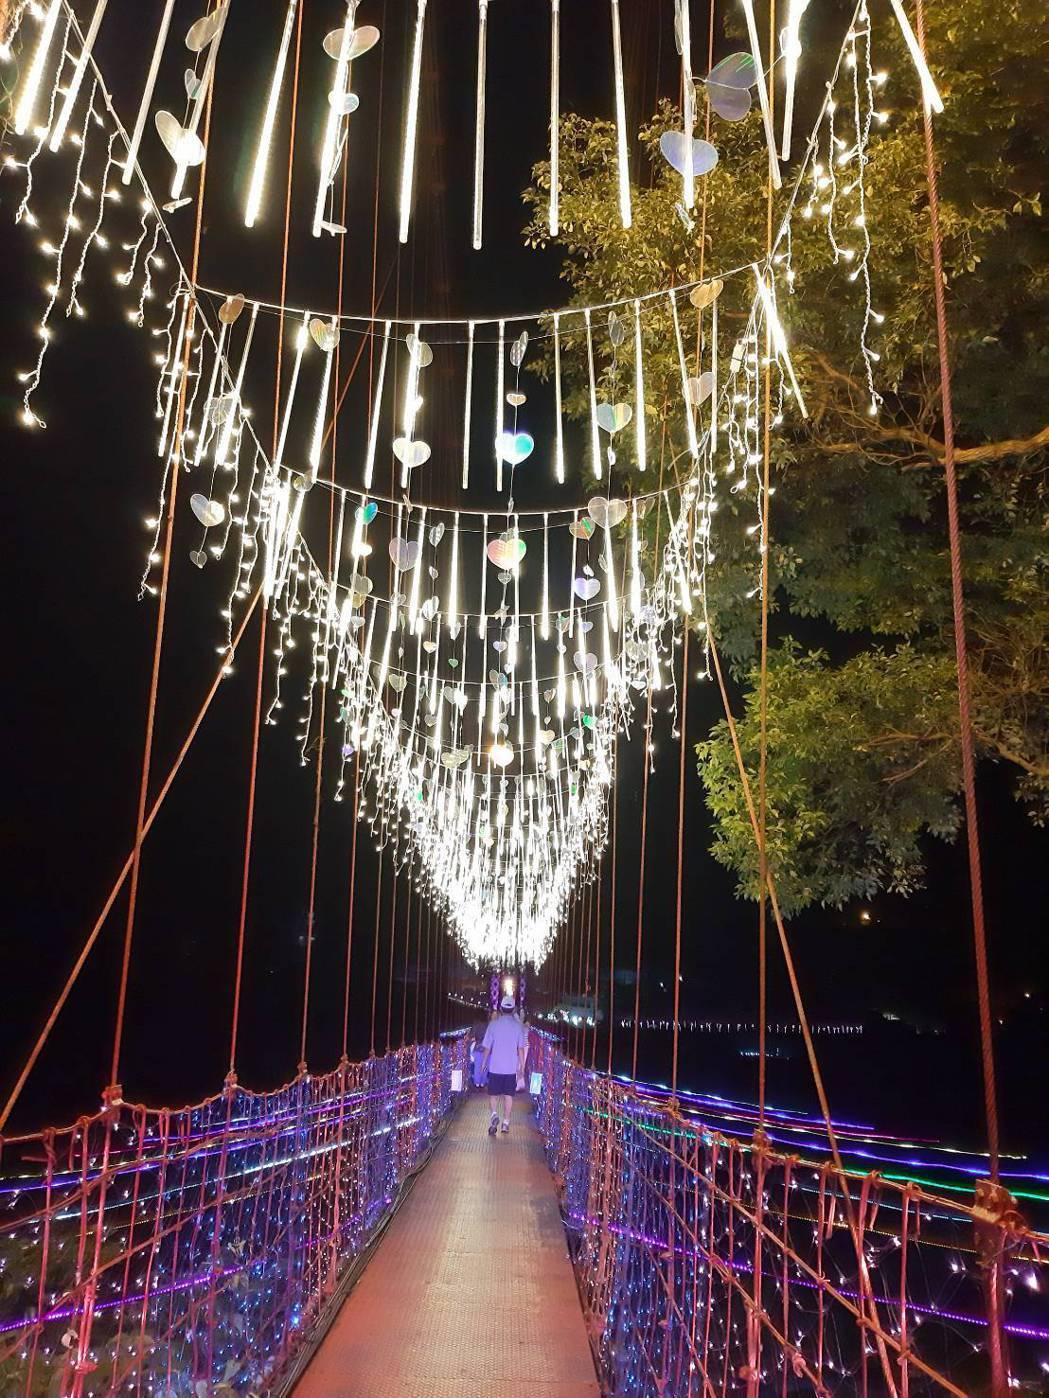 吊橋設計以「泰雅神話之橋-希利克鳥的祝福」為主題,裝飾閃閃發亮的羽毛,有如每位戀...